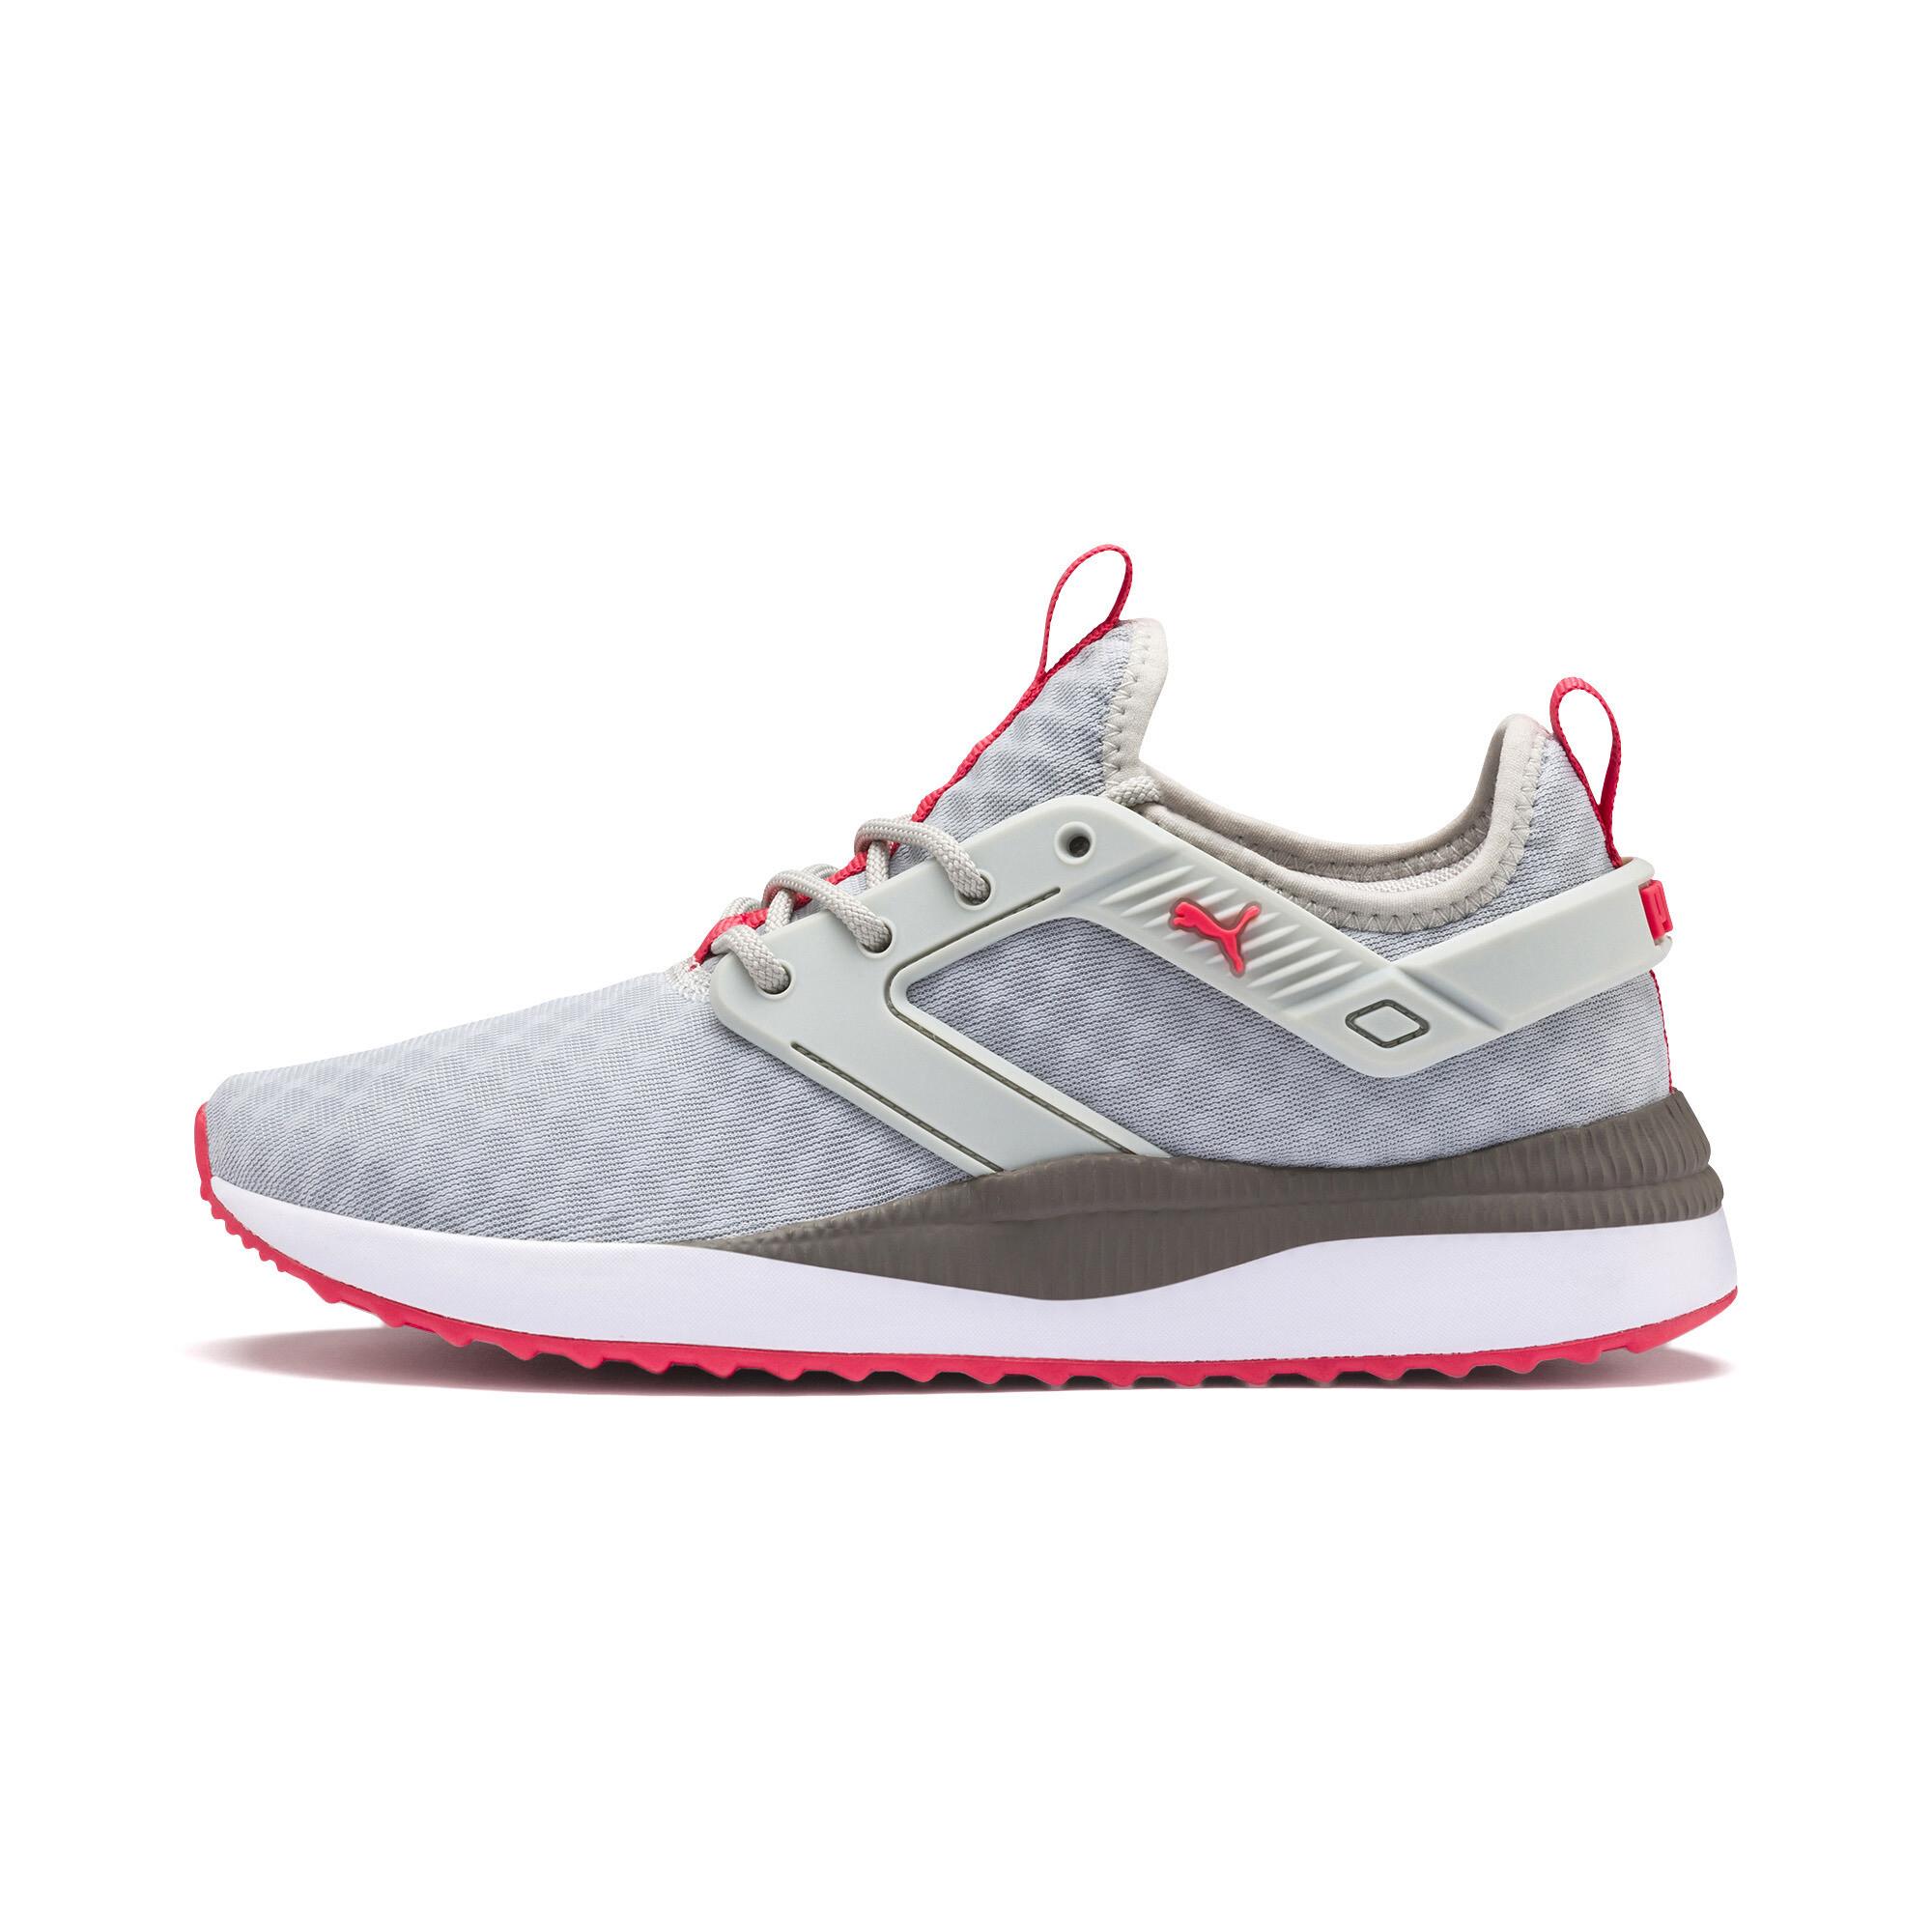 PUMA-Pacer-Next-Excel-Core-Men-039-s-Sneakers-Men-Shoe-Basics thumbnail 14